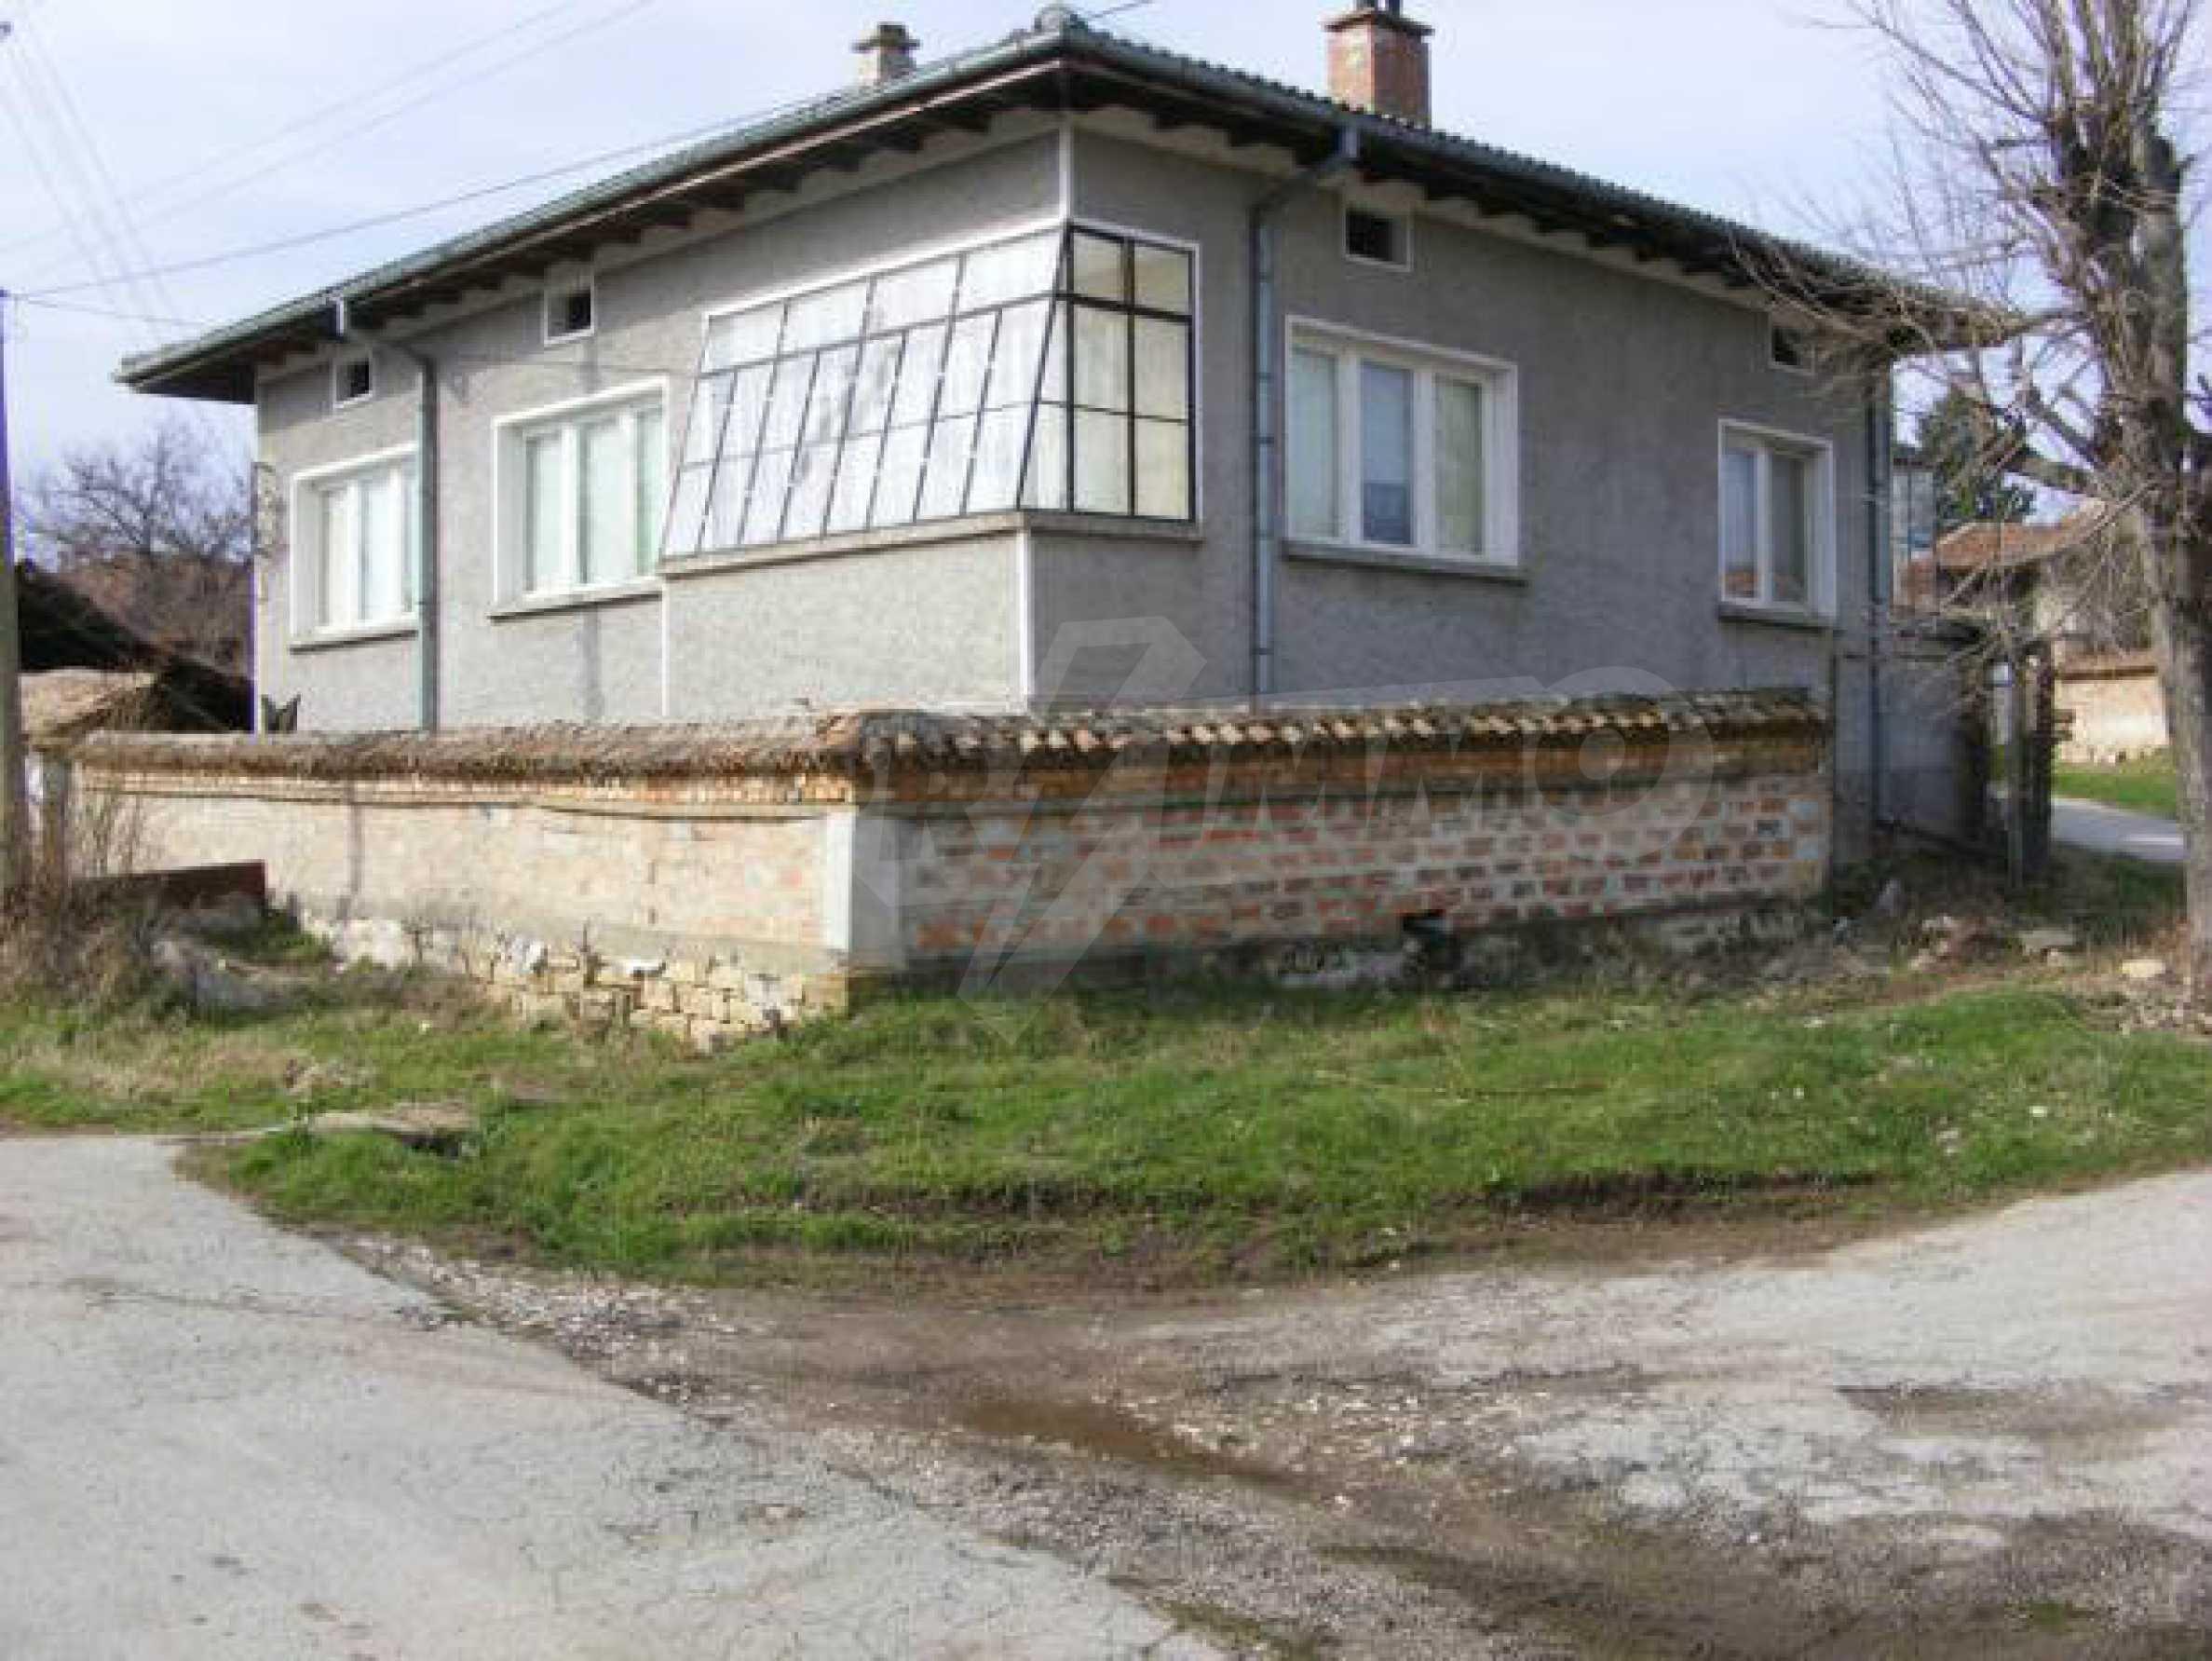 Großes zweistöckiges Backsteinhaus in einem Dorf 40 km von Veliko Tarnovo entfernt